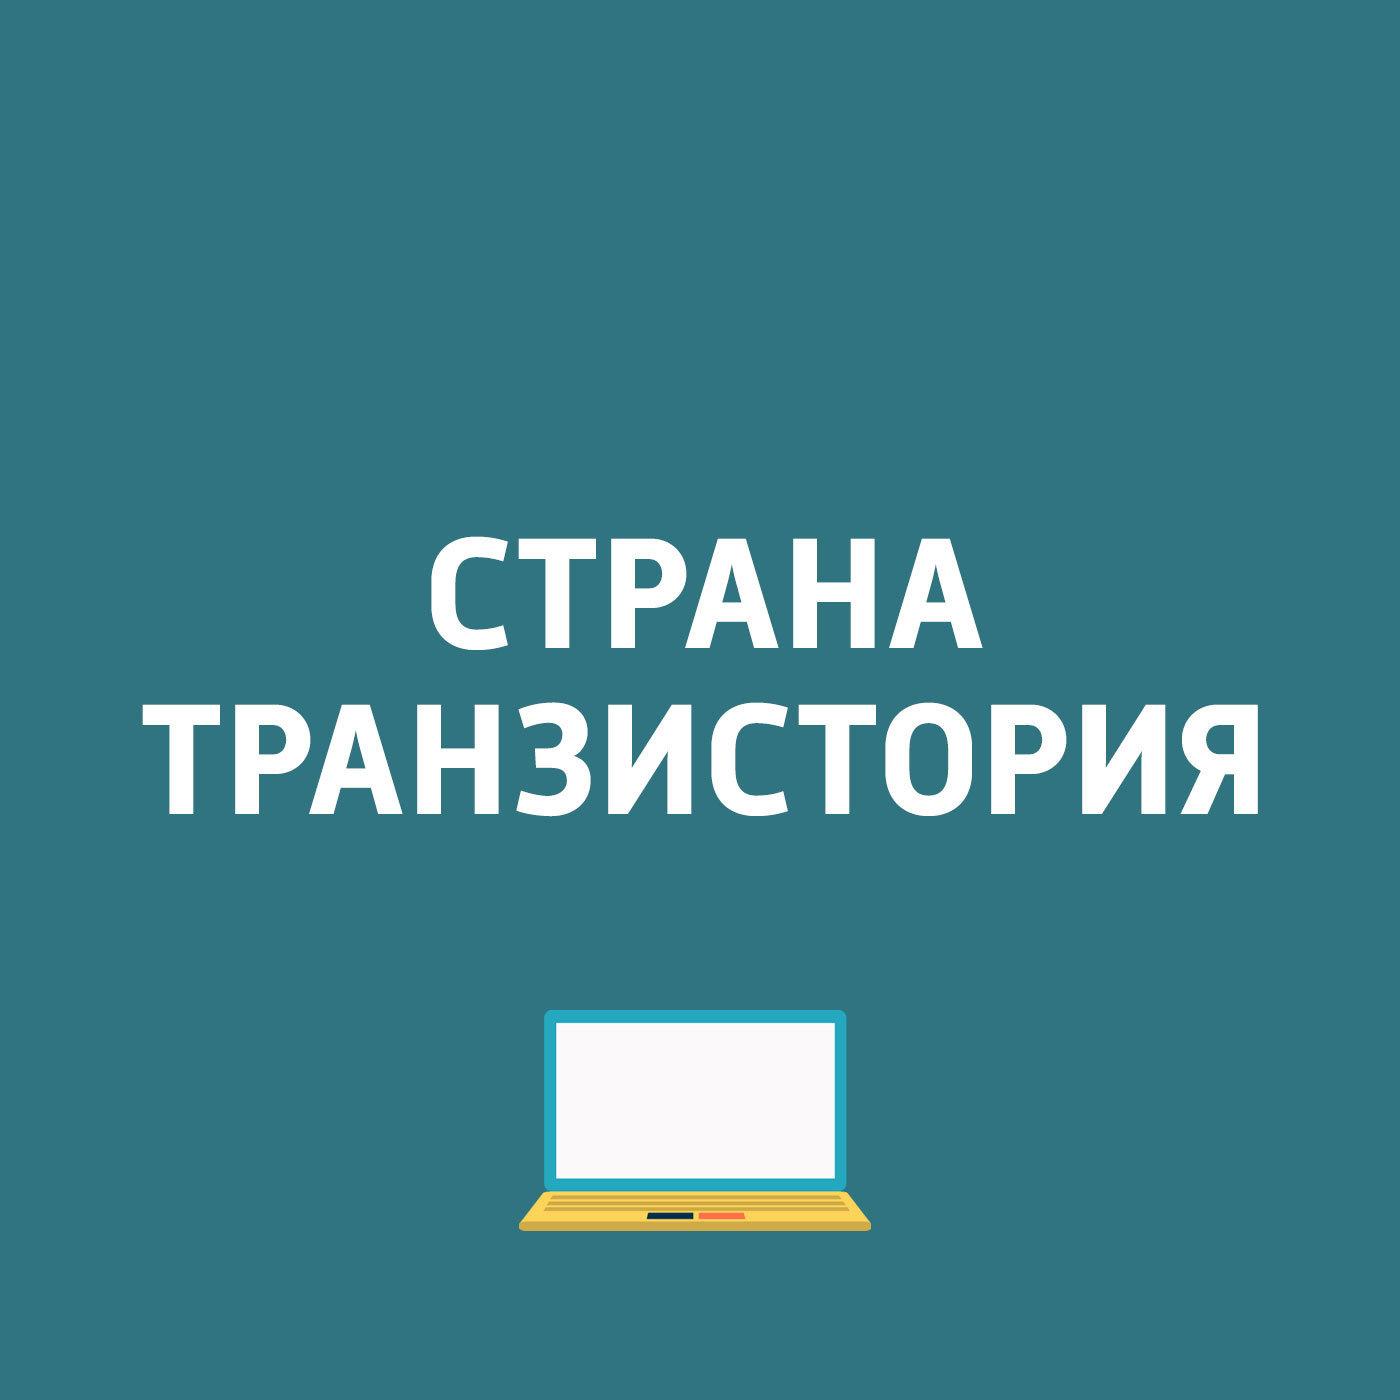 Картаев Павел Ошибка 53, смарт-часы, распродажи в честь 23 февраля запчасти для мобильных телефонов sony xl39h xperia ultra